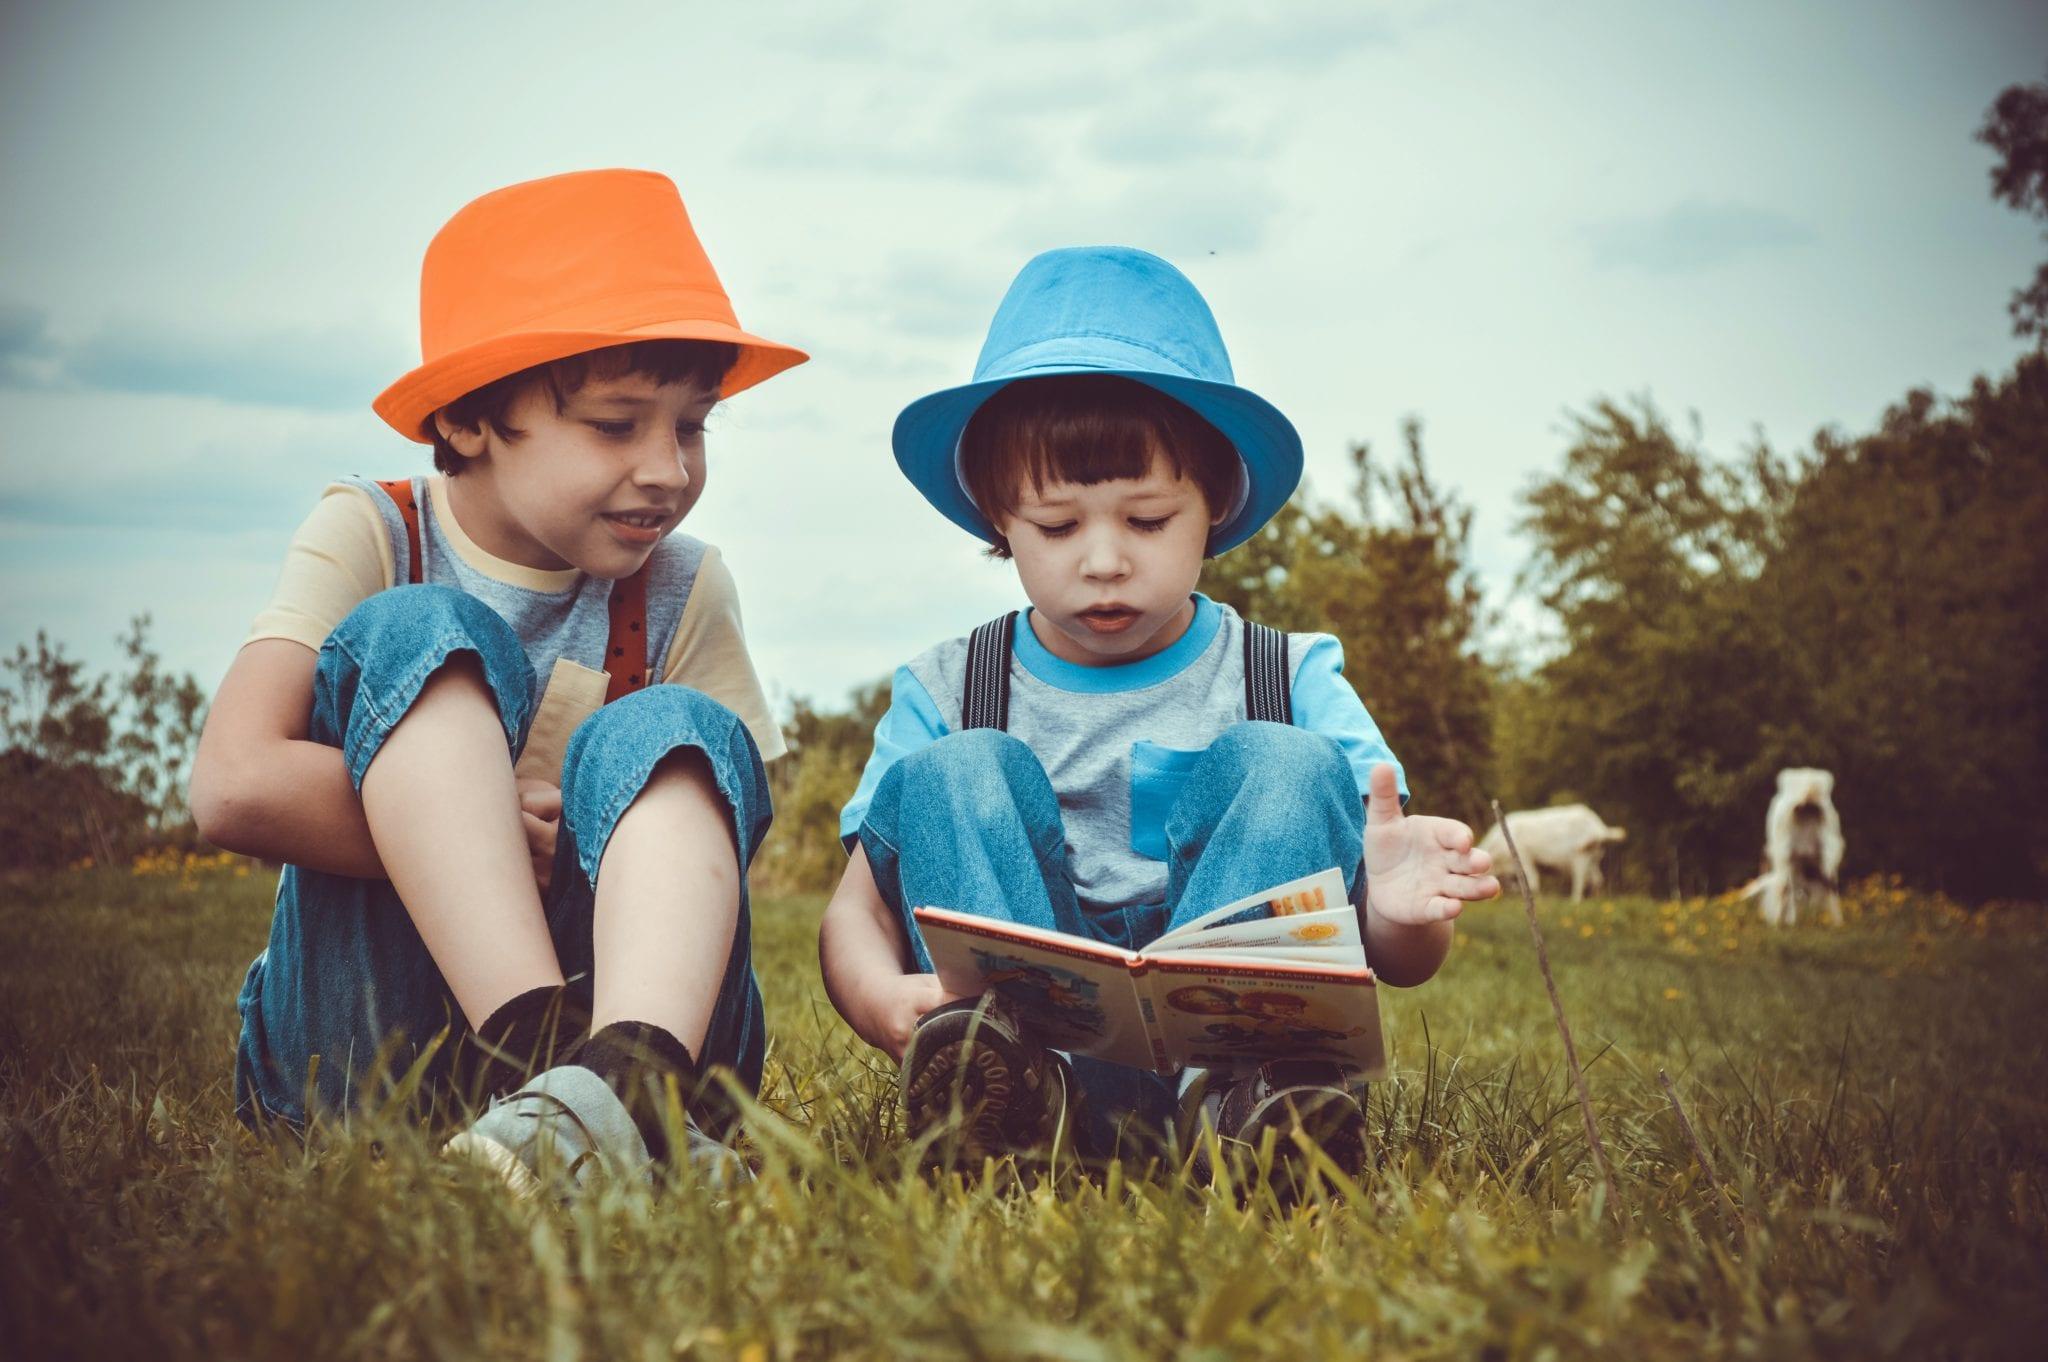 從胎兒到新生寶寶,新手爸媽的兒童閱讀養成術